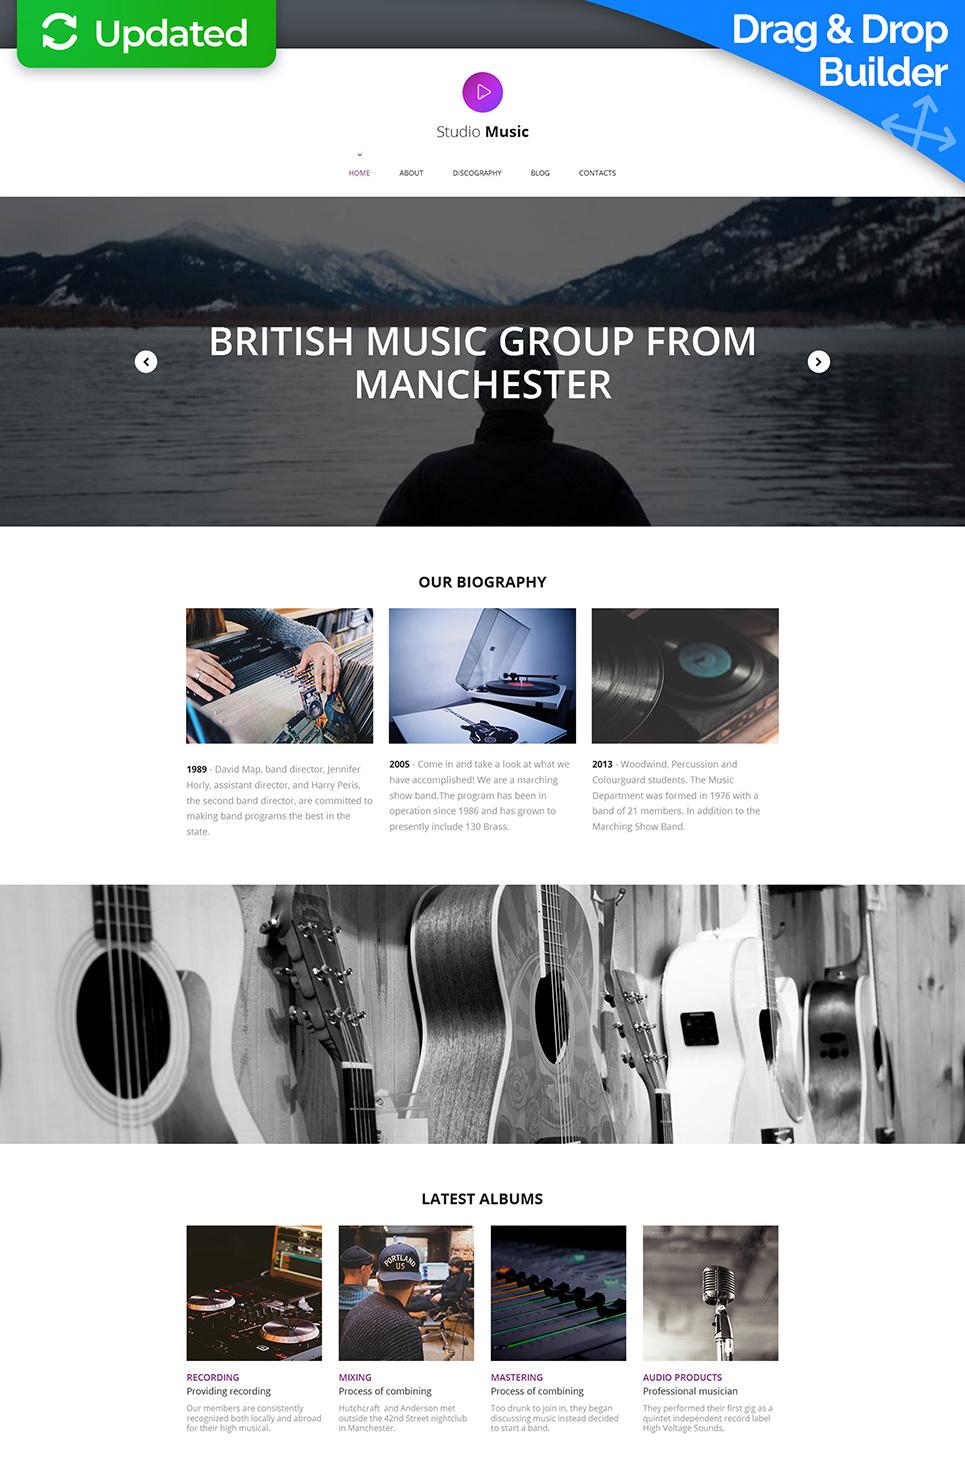 MotoCMS 3 Plantilla #59135 de categoría Música - image